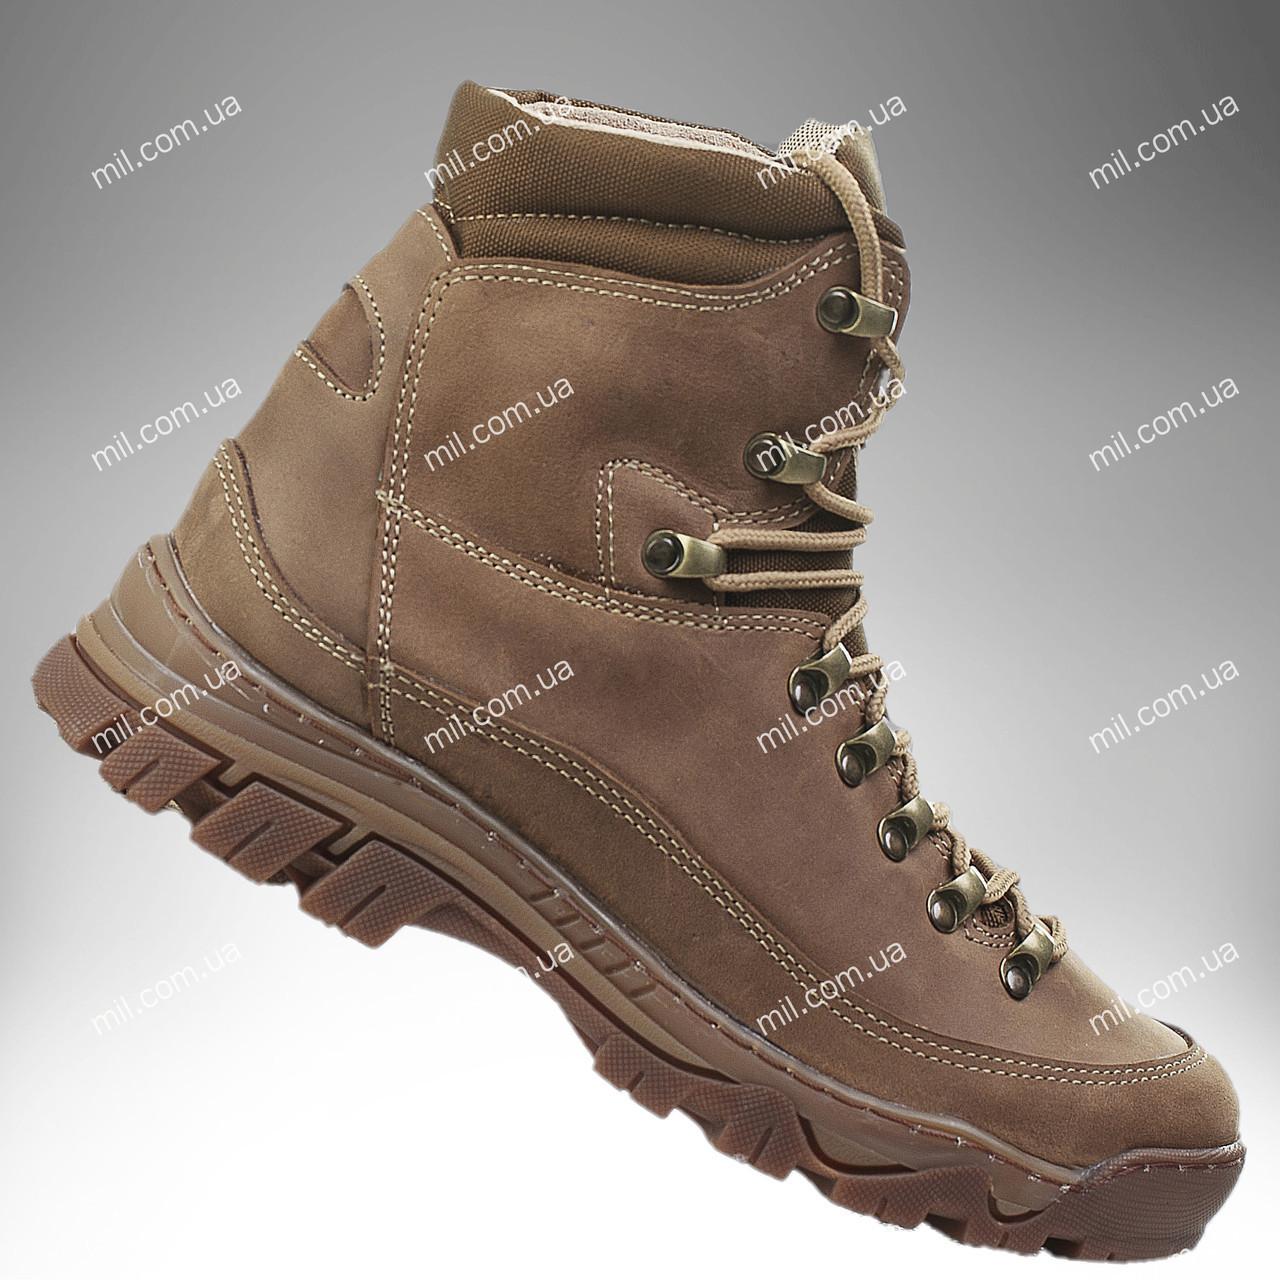 Армейские ботинки демисезонные / военная, тактическая обувь АНТЕЙ (coyote)